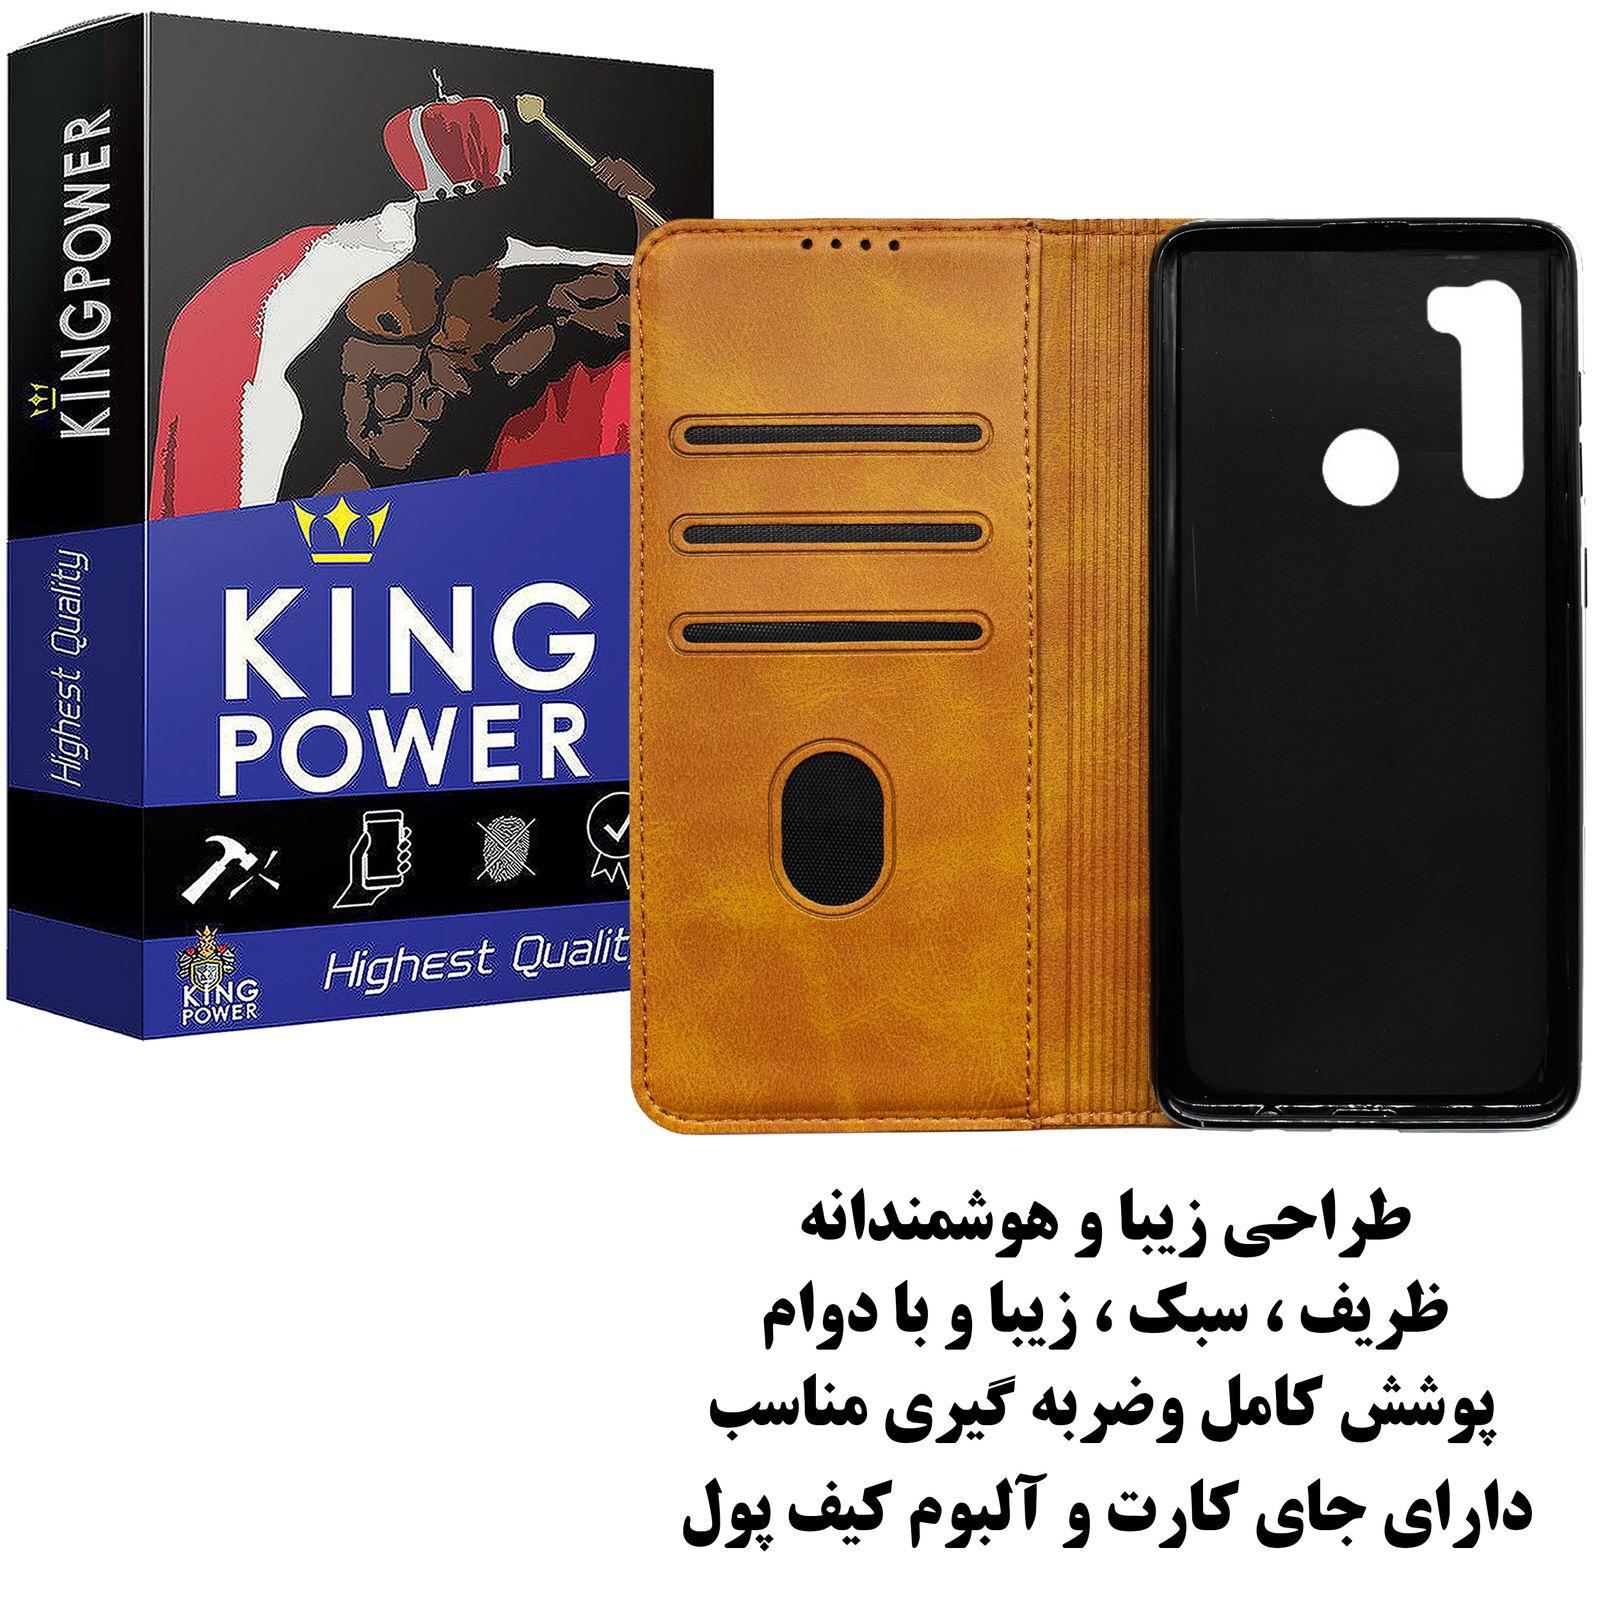 کیف کلاسوری کینگ پاور مدل Q21 مناسب برای گوشی موبایل شیائومی Redmi Note 8 thumb 2 1